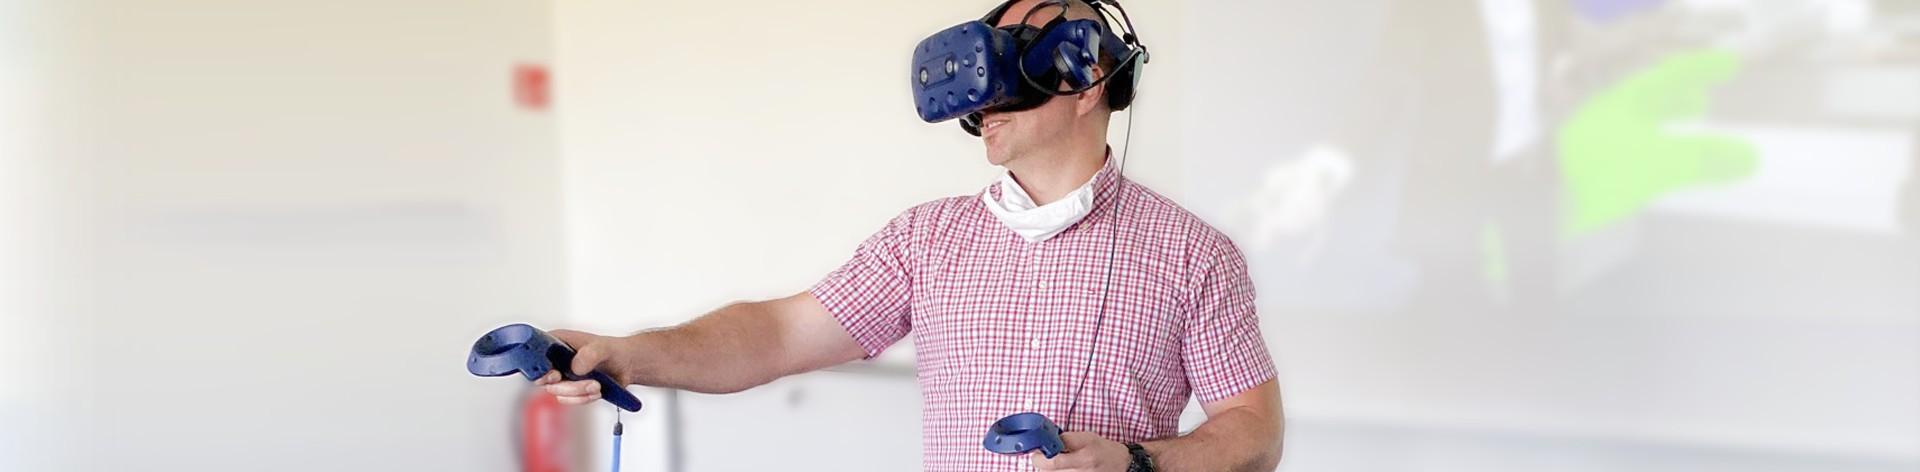 szkolenia VR